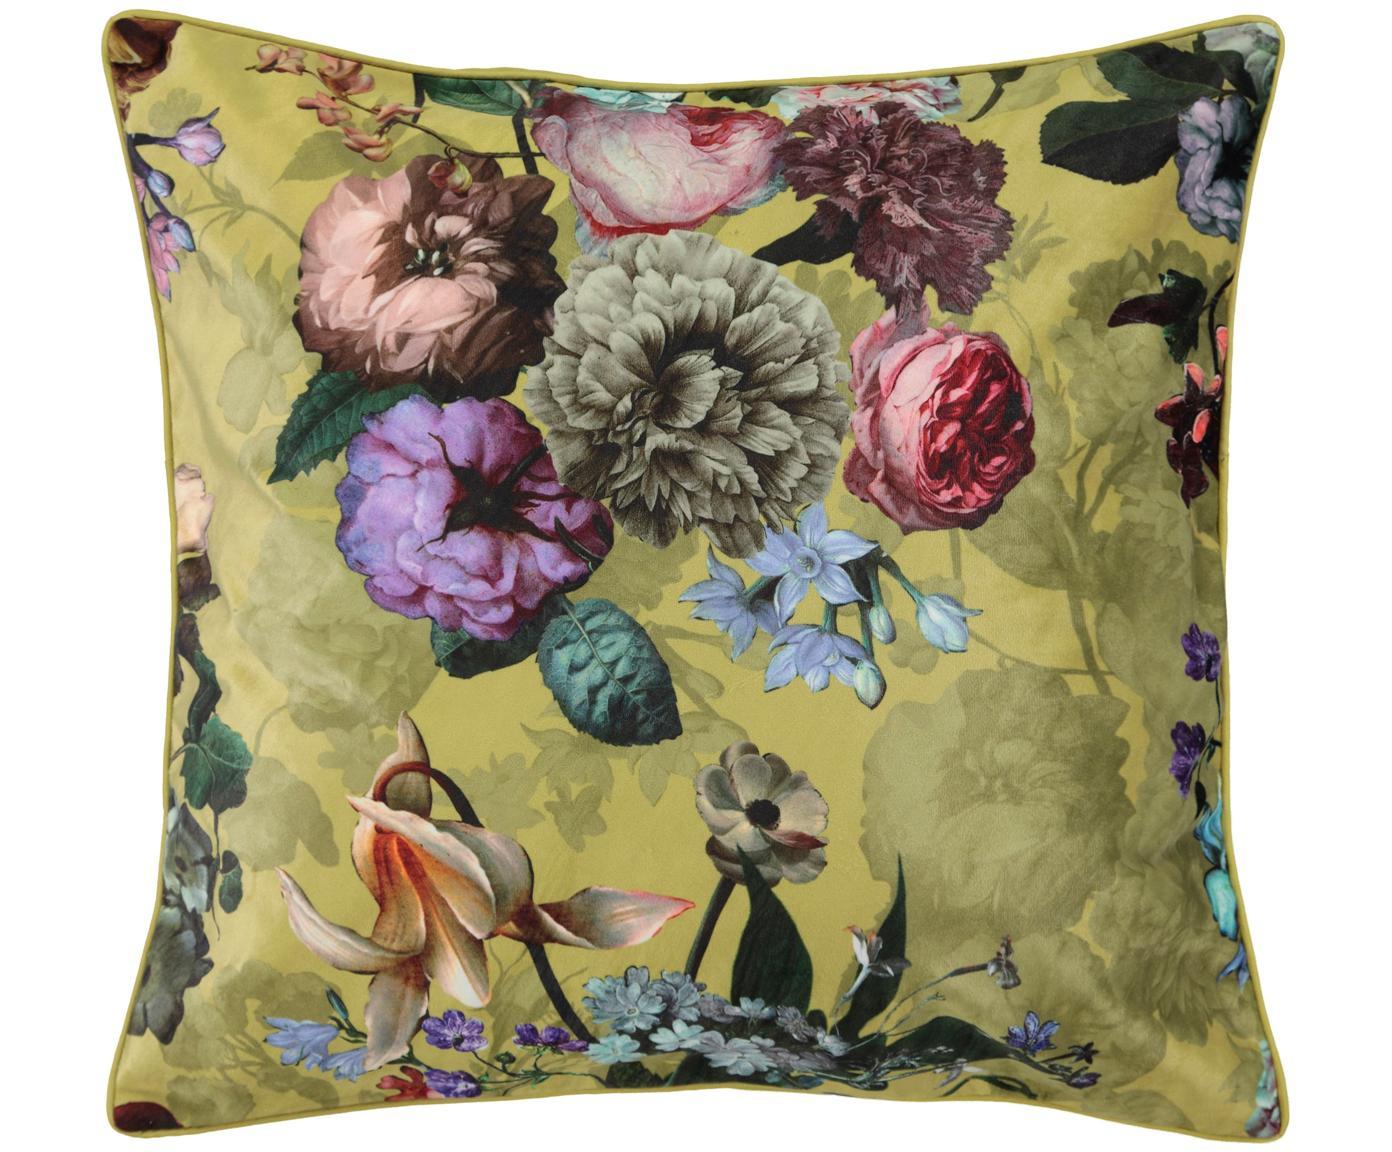 Samt-Kissen Fleur mit Blumenmuster, mit Inlett, Bezug: 100% Polyestersamt, Goldgelb, Mehrfarbig, 50 x 50 cm